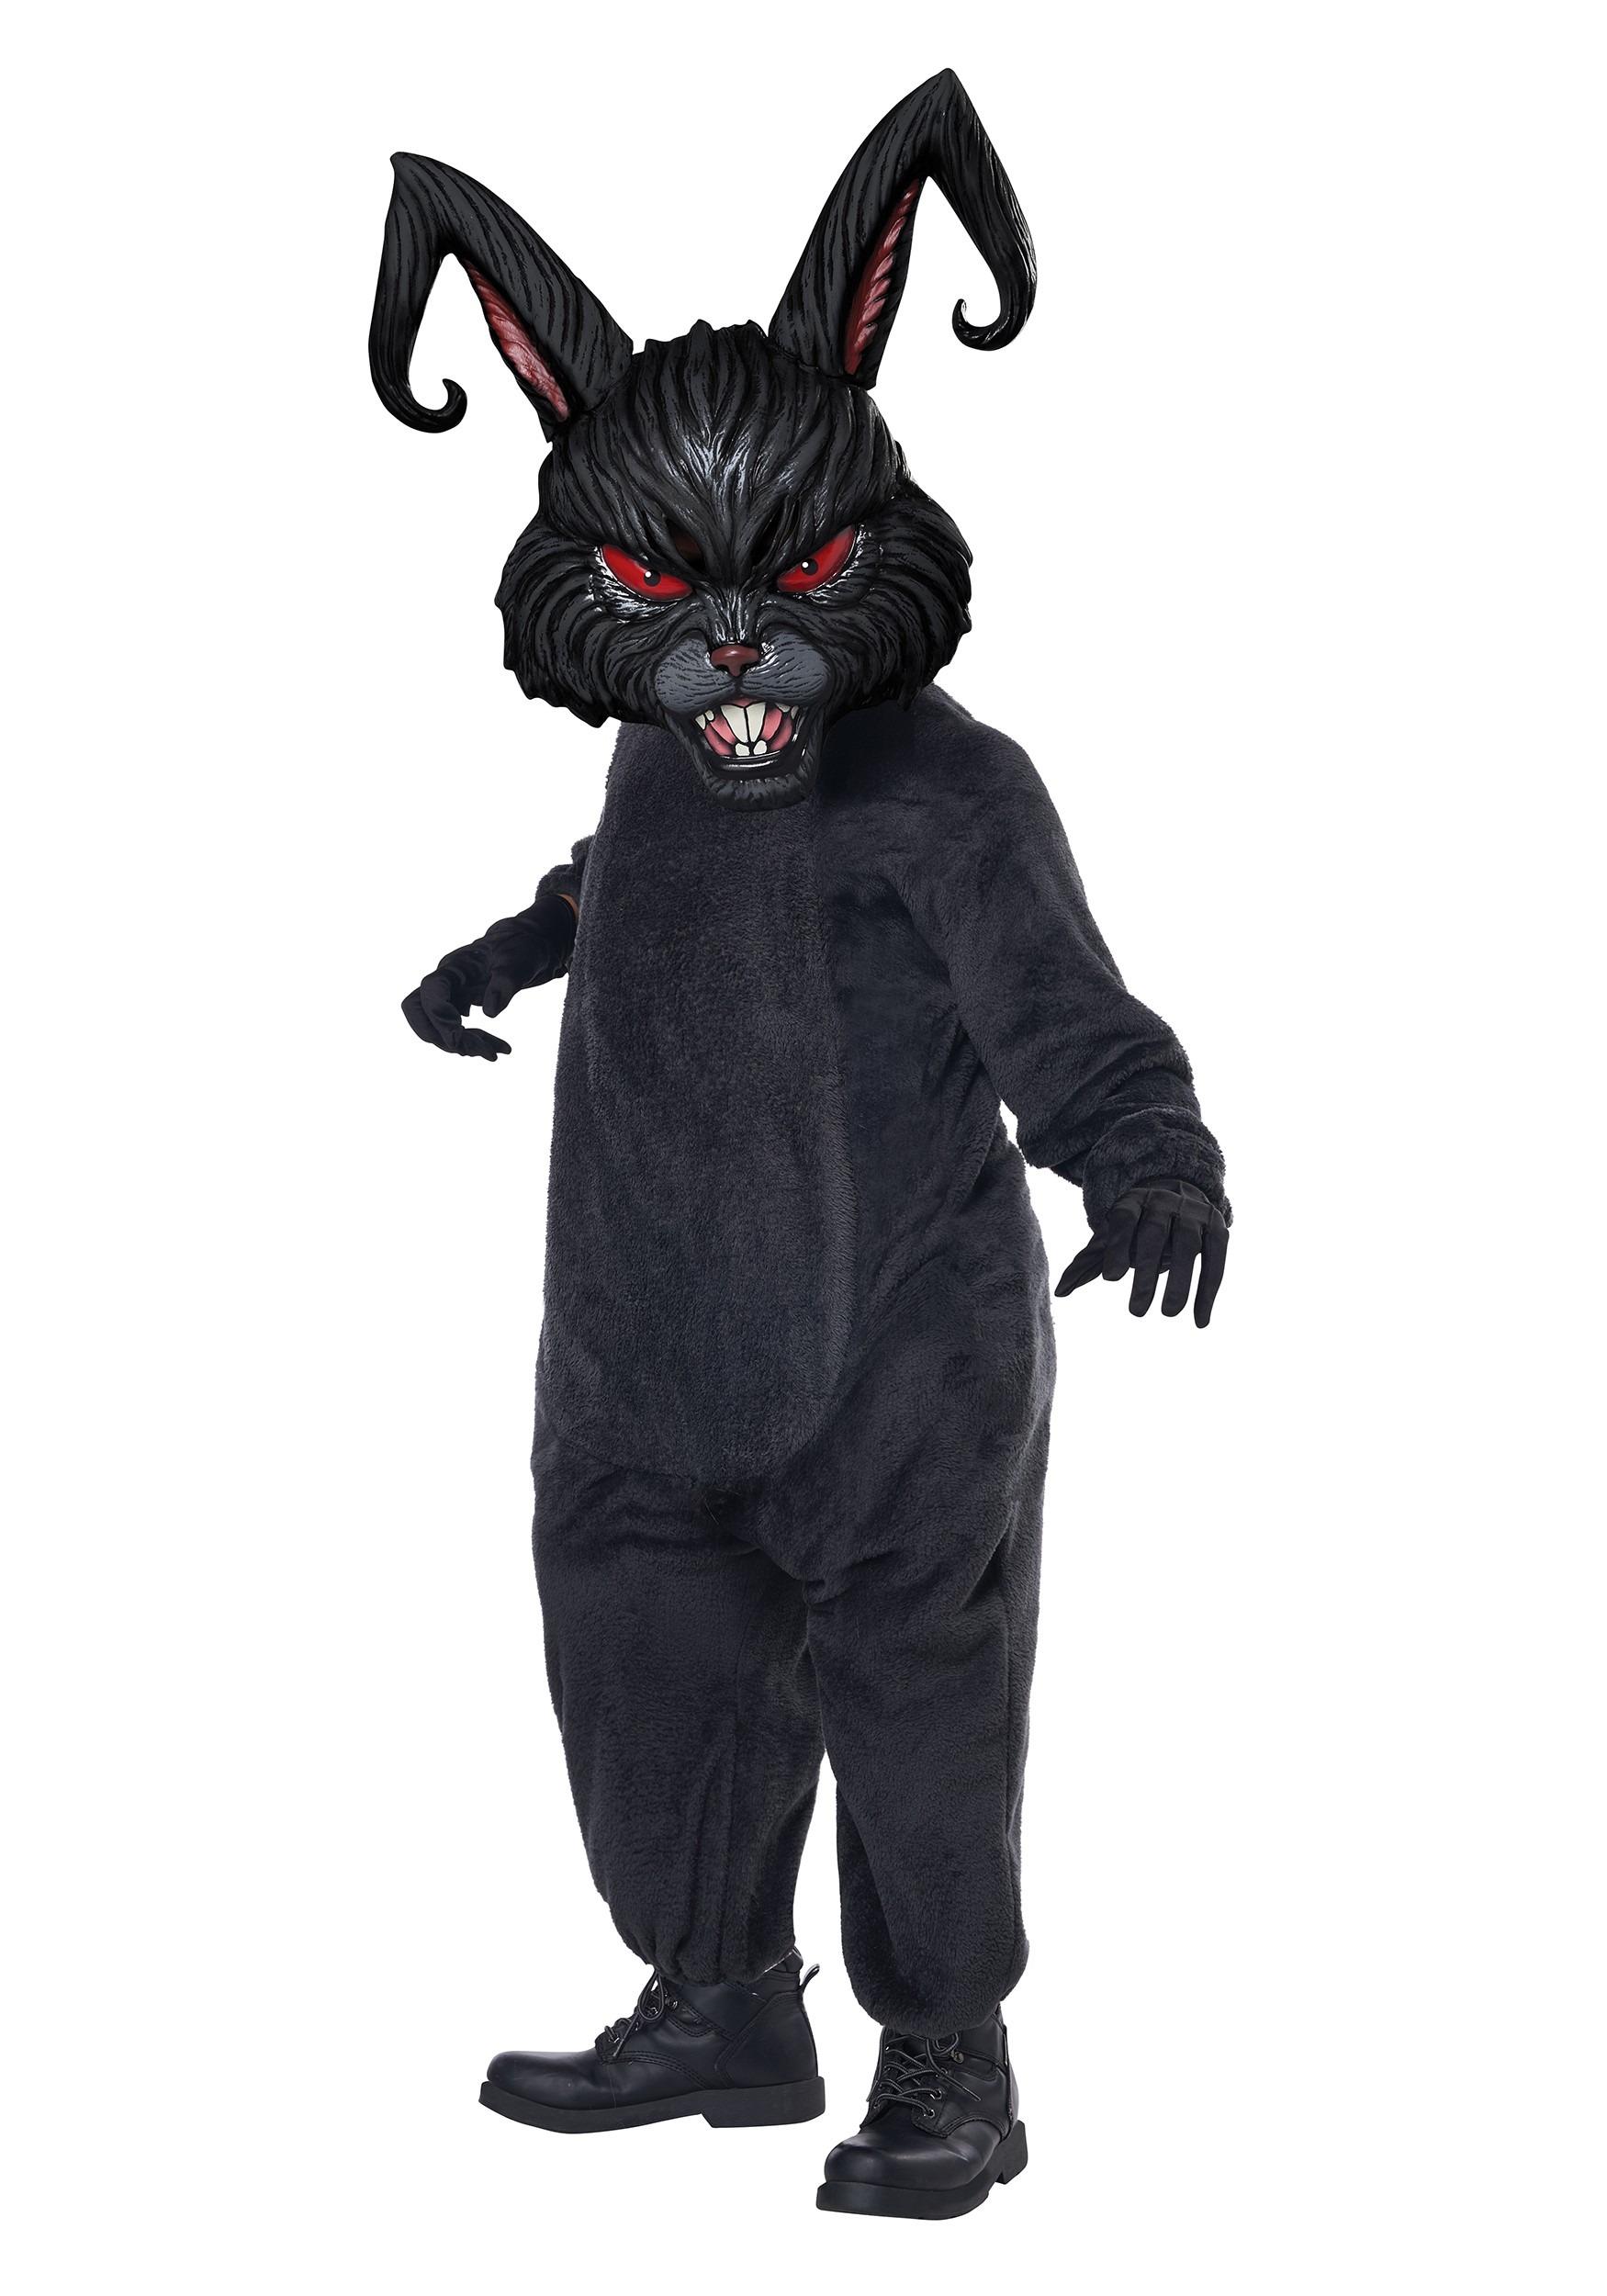 Bad Hare Day Kid's Costume